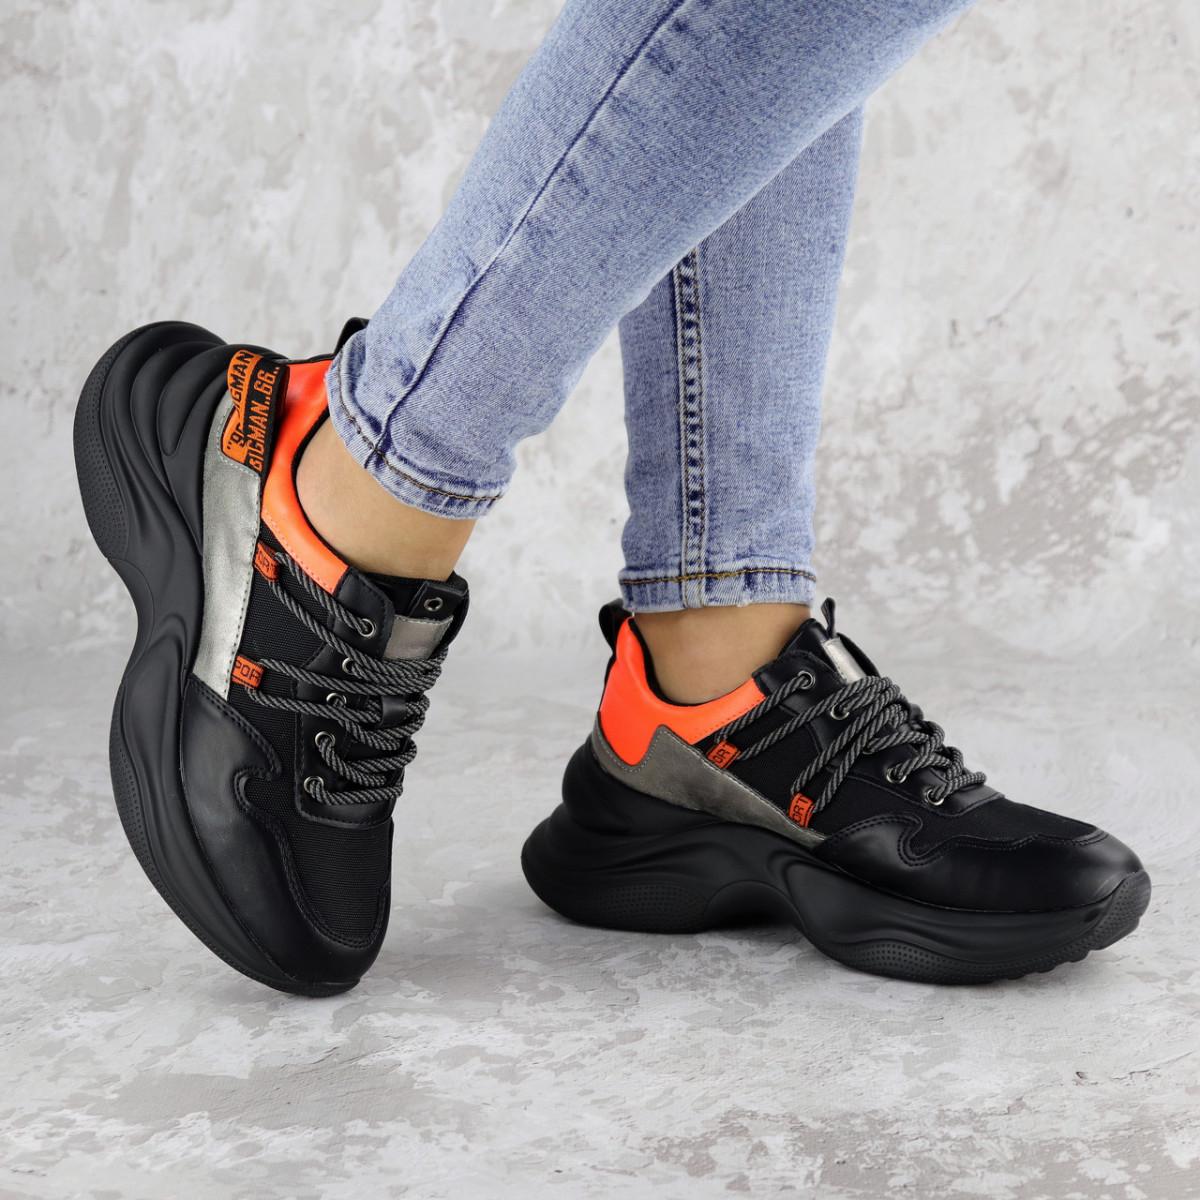 Кроссовки женские Fashion Rufis 2151 36 размер 23 см Черный